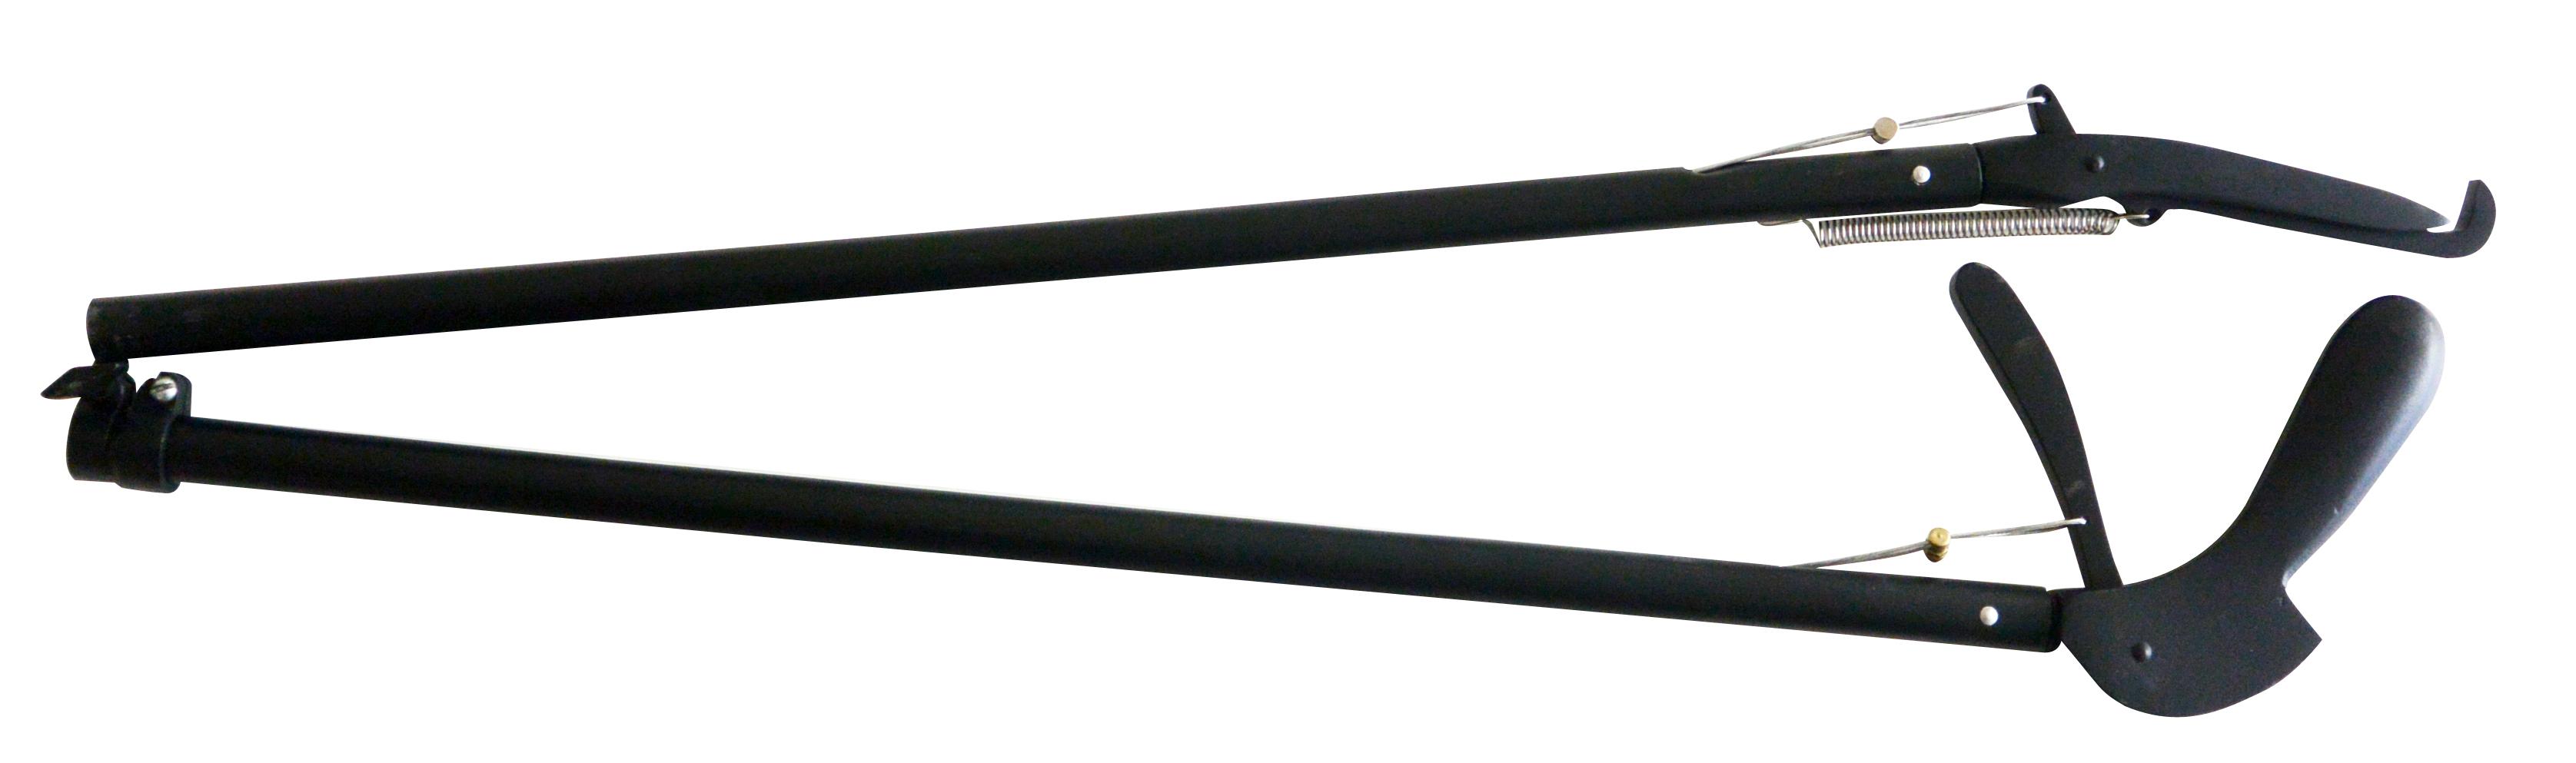 Щипцы для обращения со змеями телескопические LUCKY